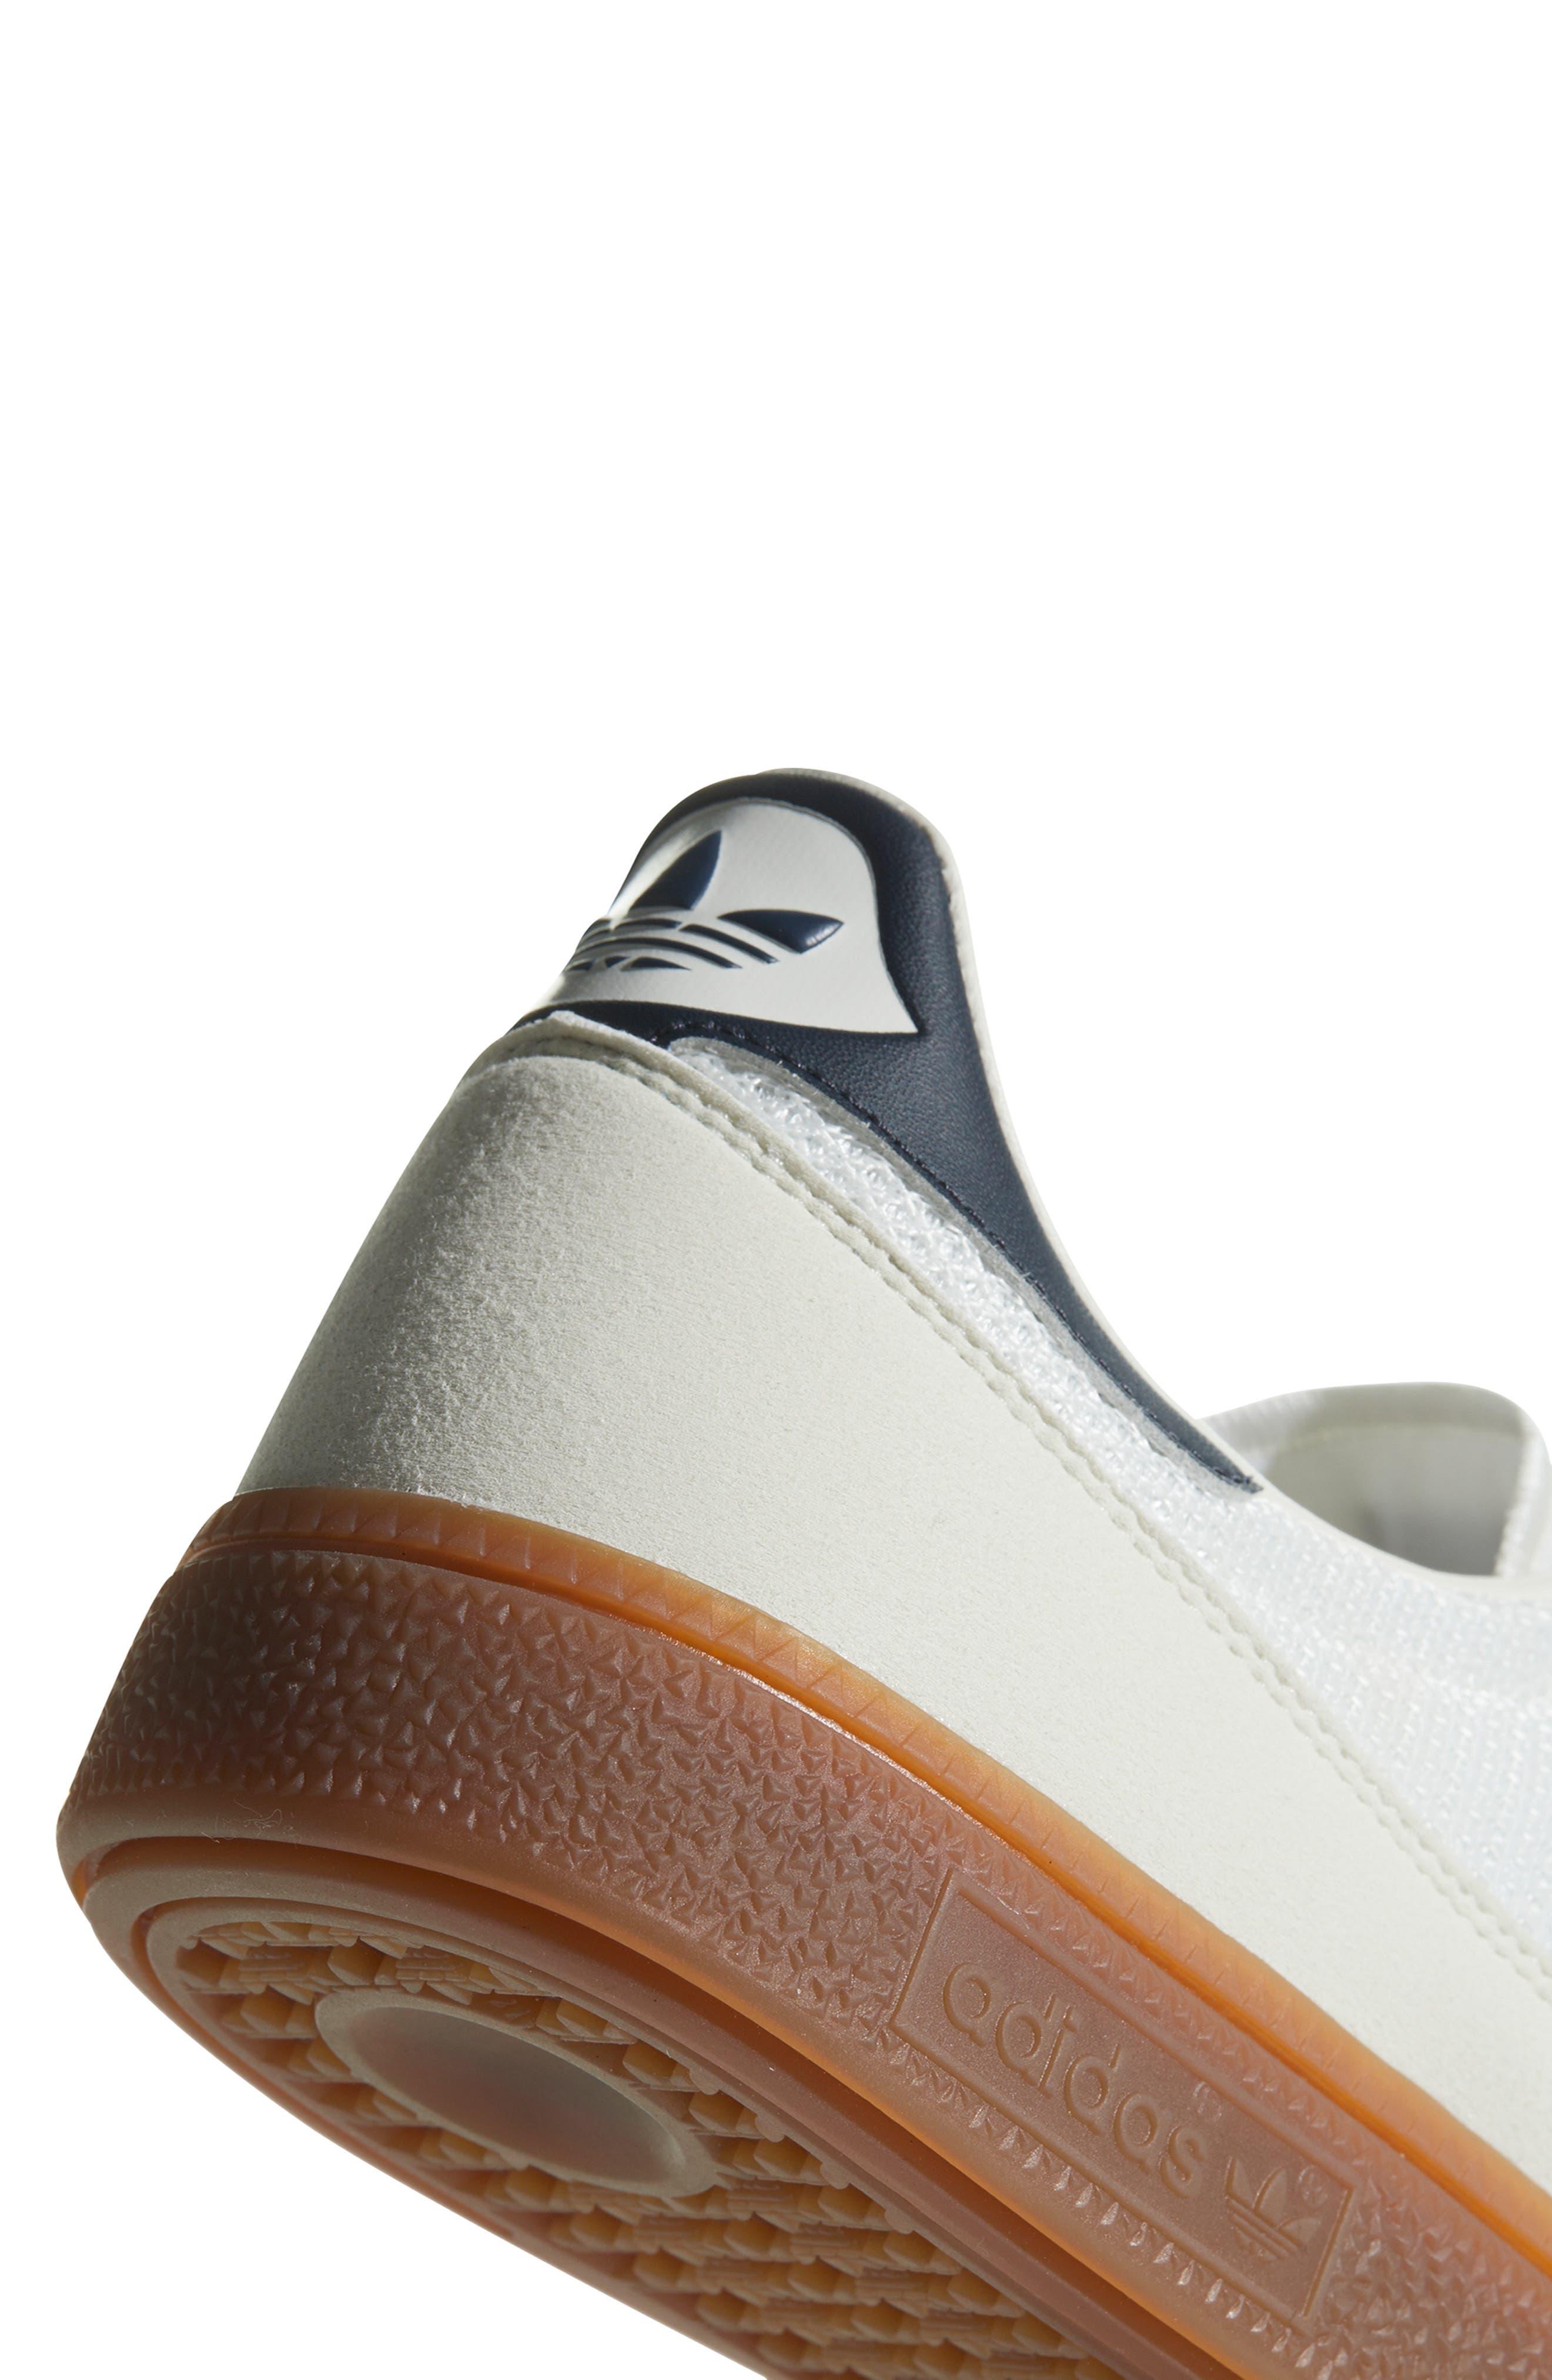 Wilsy SPZL Sneaker,                             Alternate thumbnail 7, color,                             OFF WHITE/ NIGHT NAVY